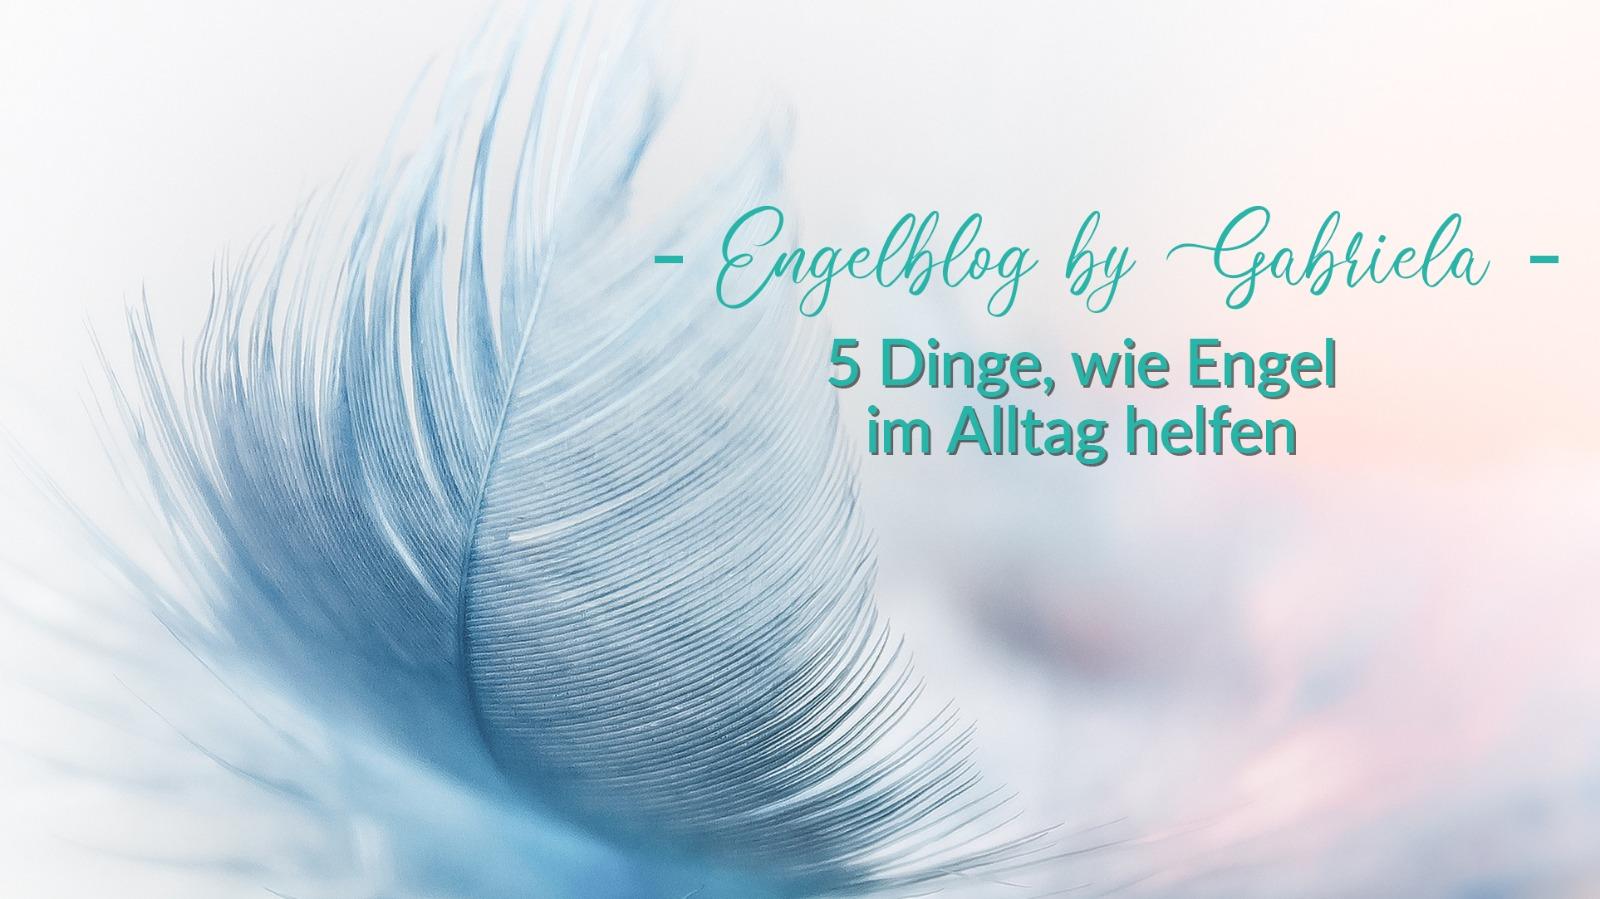 5 Möglichkeiten, wie Engel im Alltag helfen